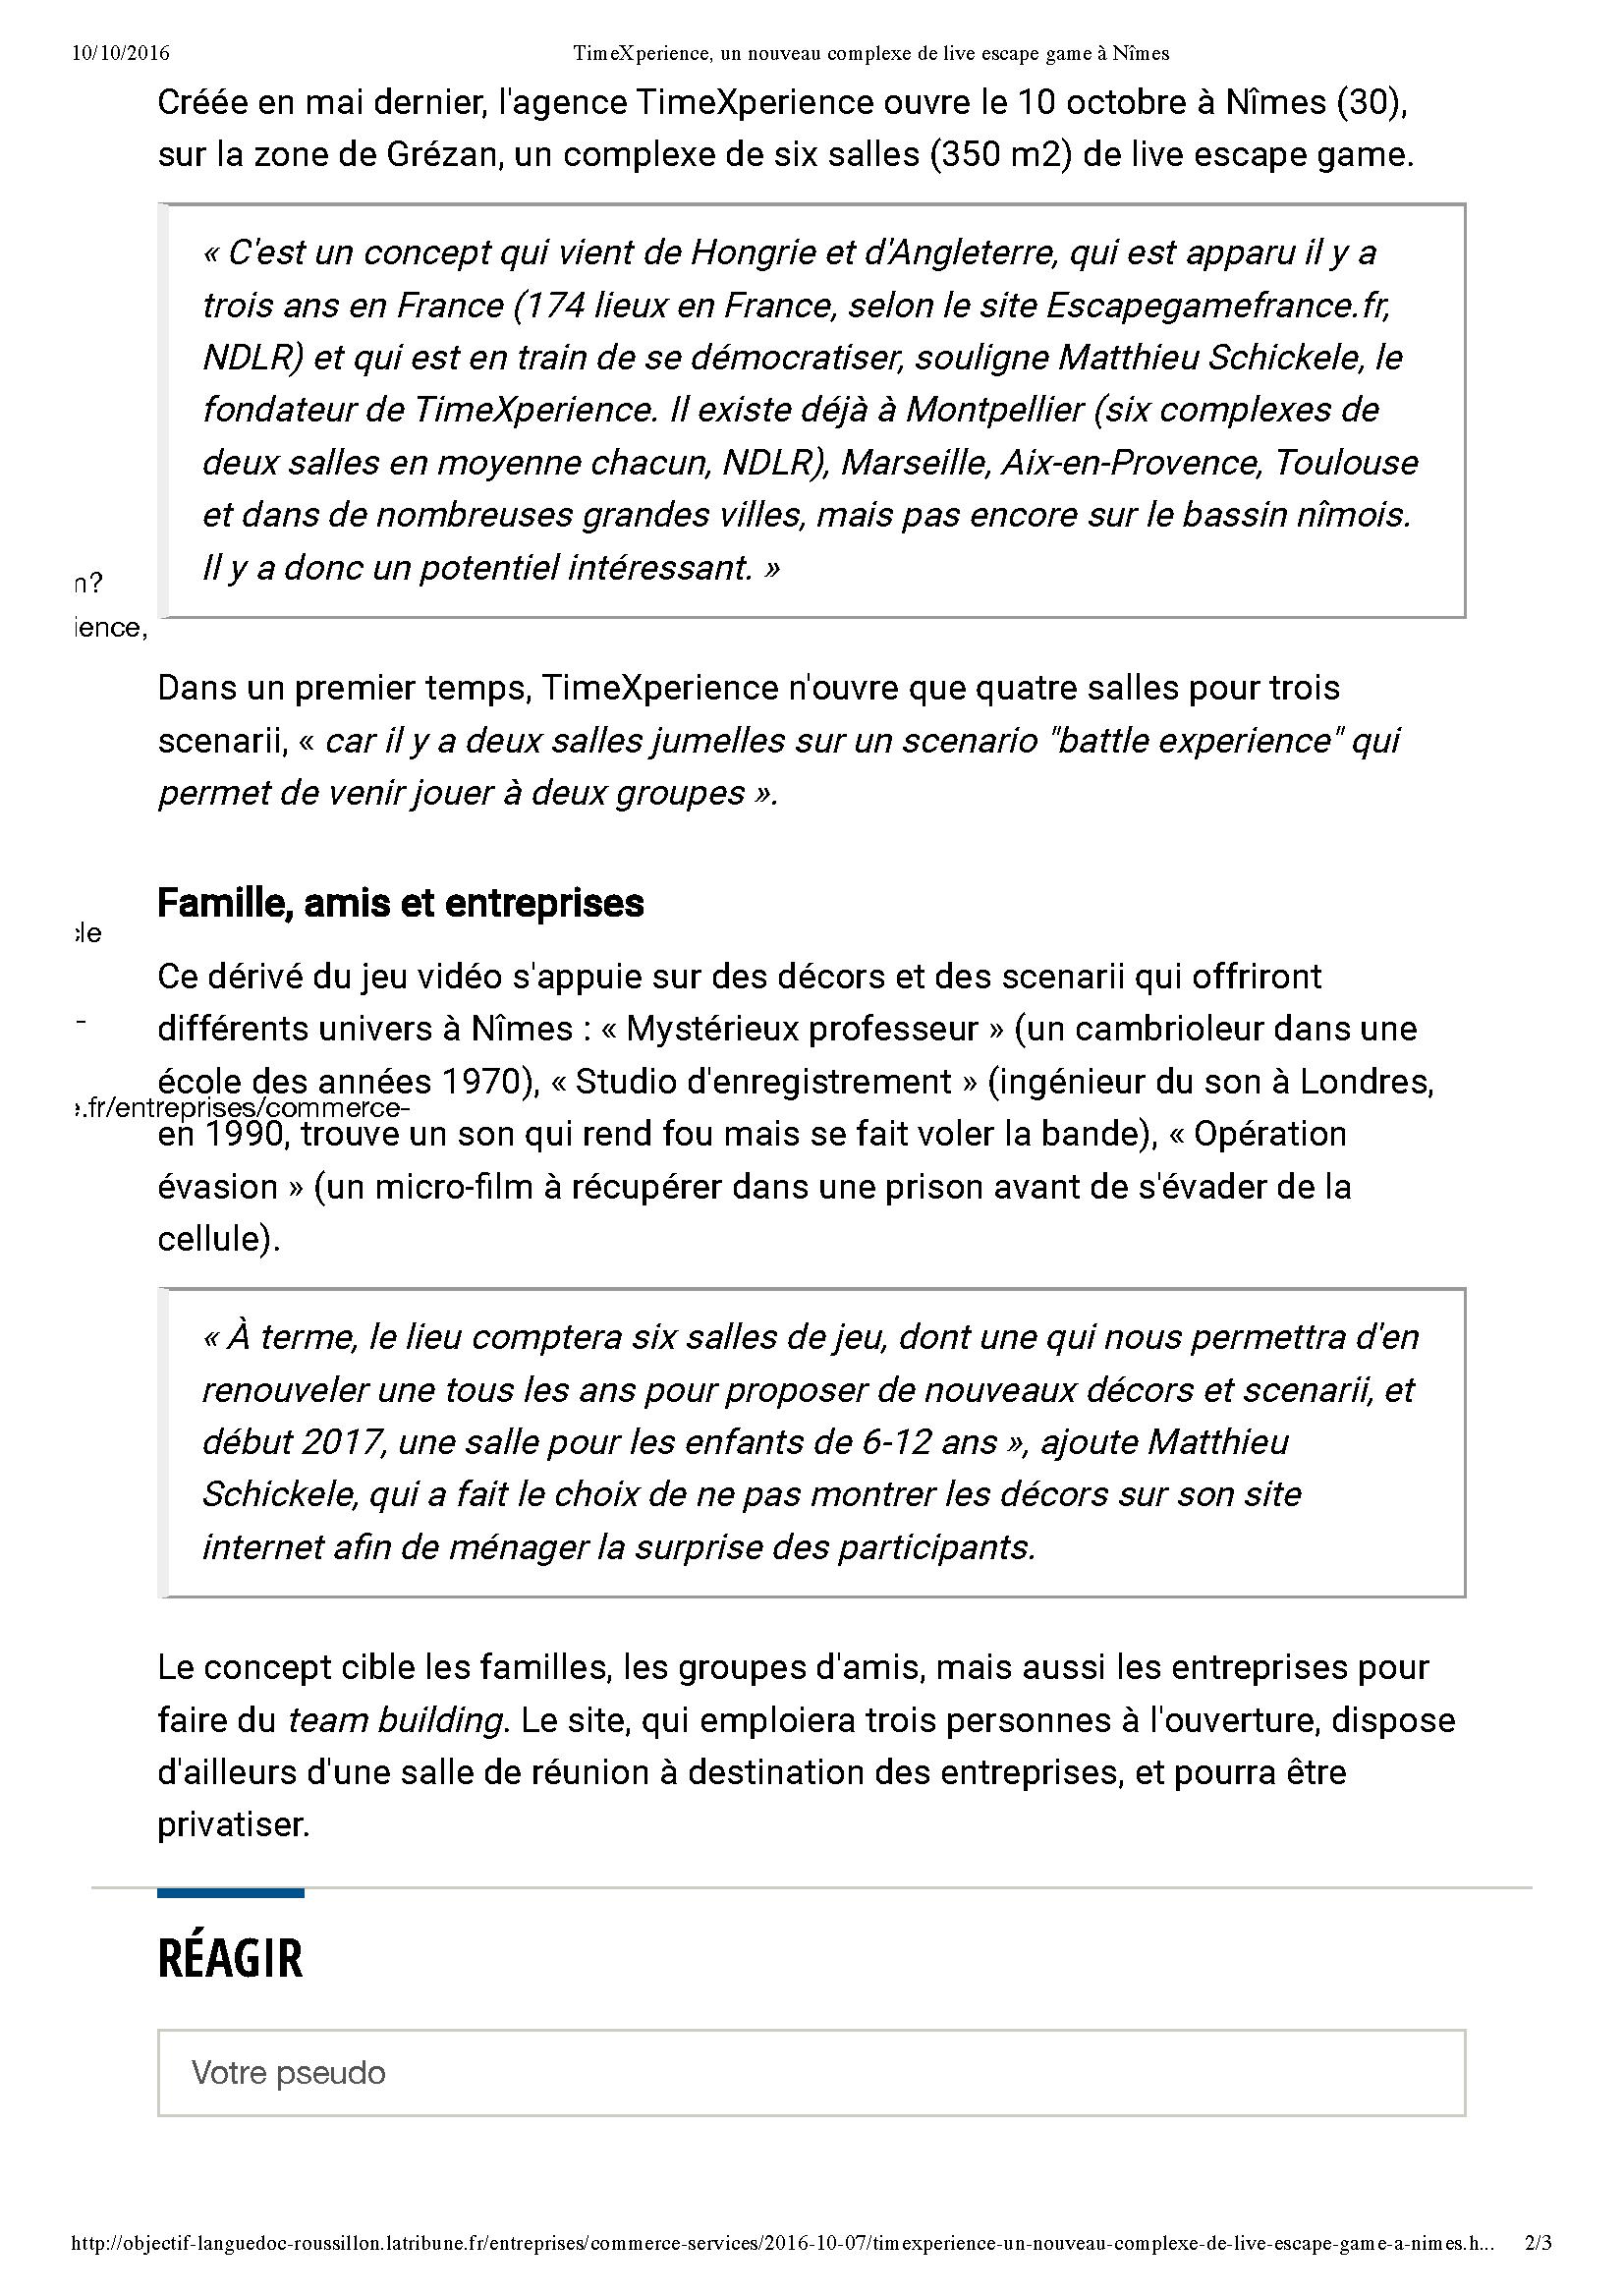 timexperience-un-nouveau-complexe-de-live-escape-game-a-nimes_page_2